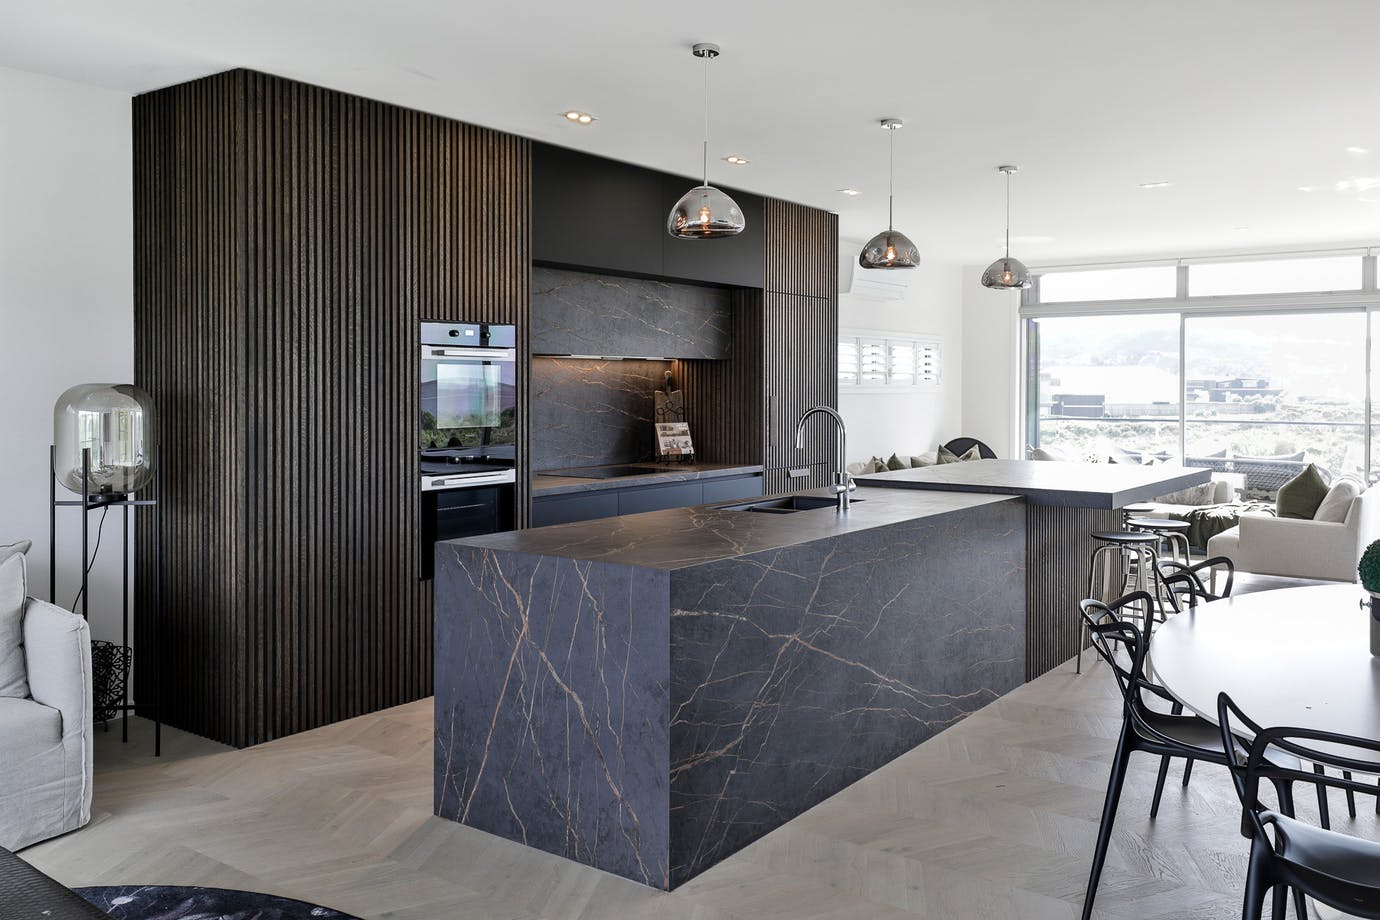 Omaha kitchen